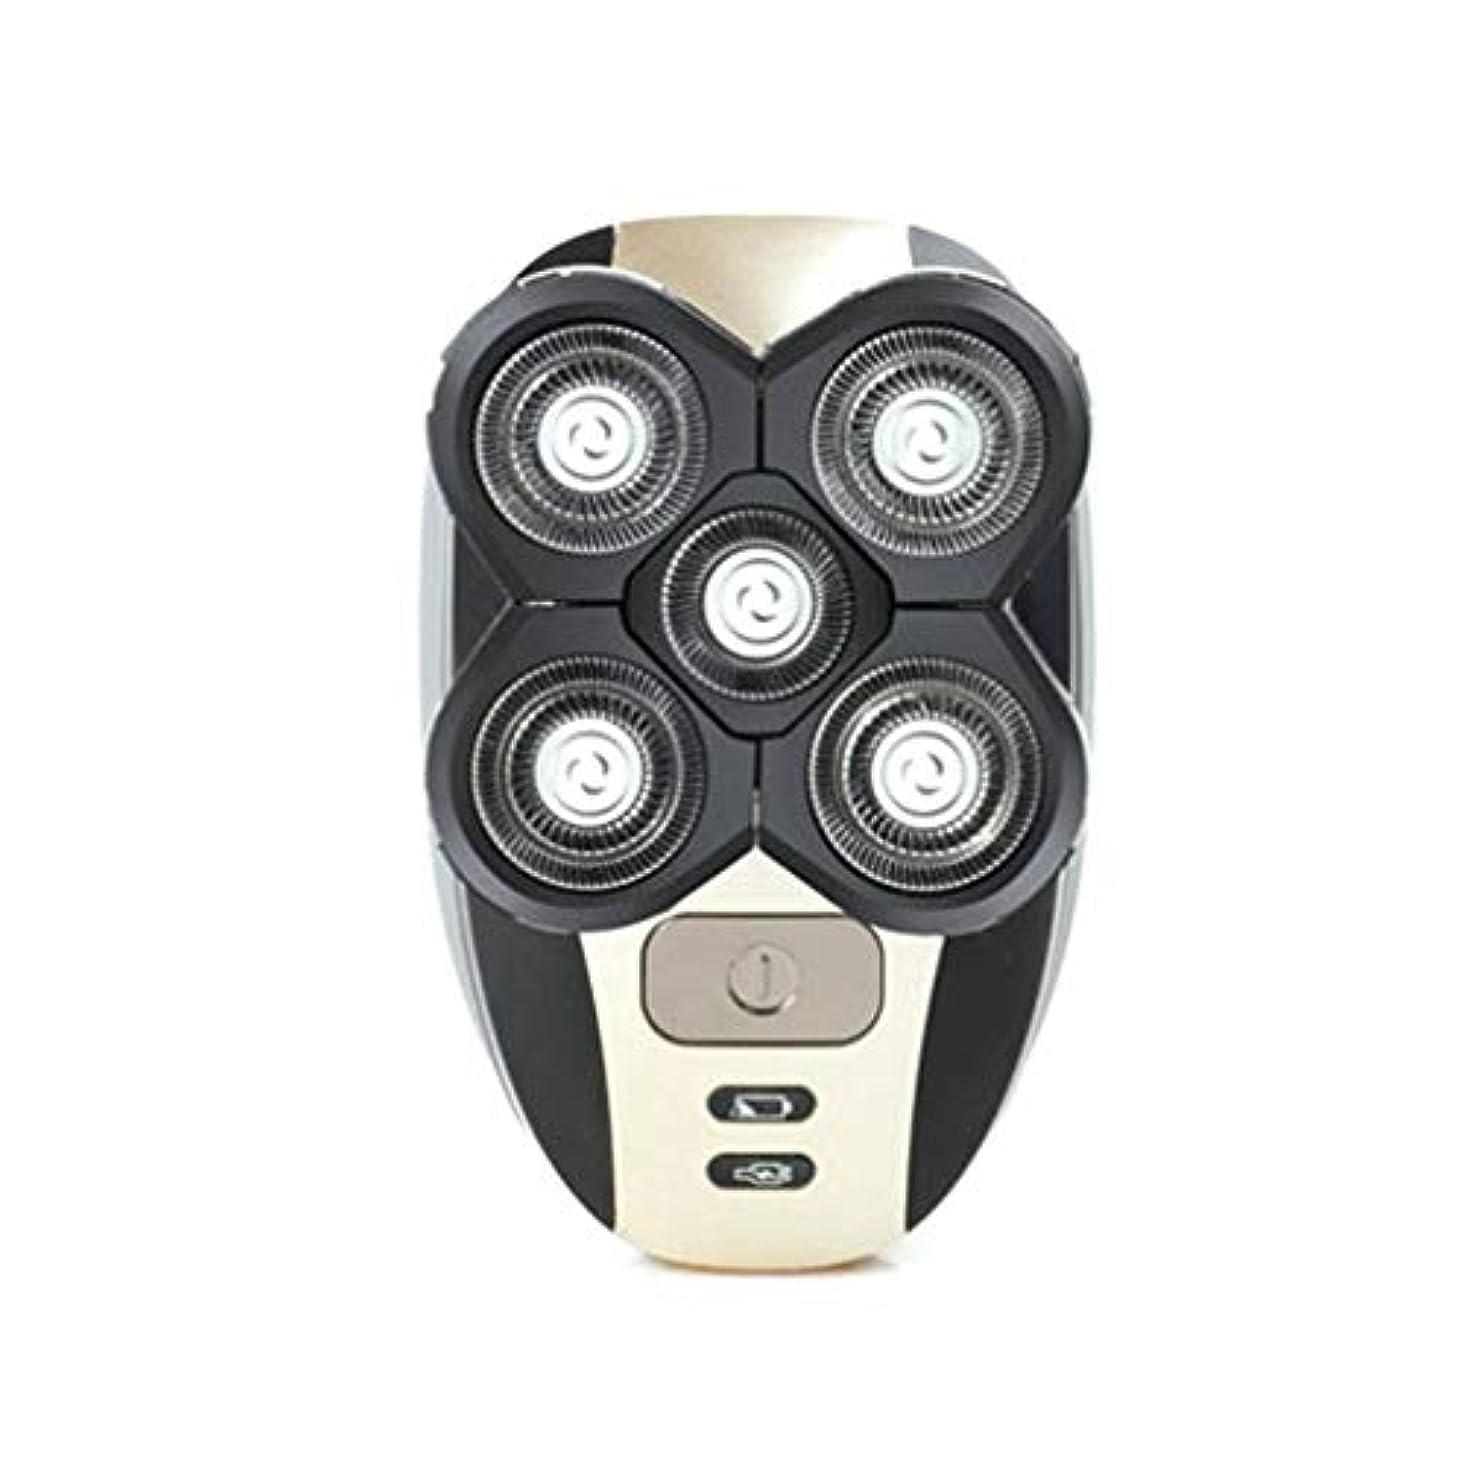 ピッチャーロボットこどもの宮殿メンズヘッドカミソリシェーバー電気充電式防水ボールドヘッドシェービングマシンフェイスケアツールEUタイプファイブフローティングヘッド